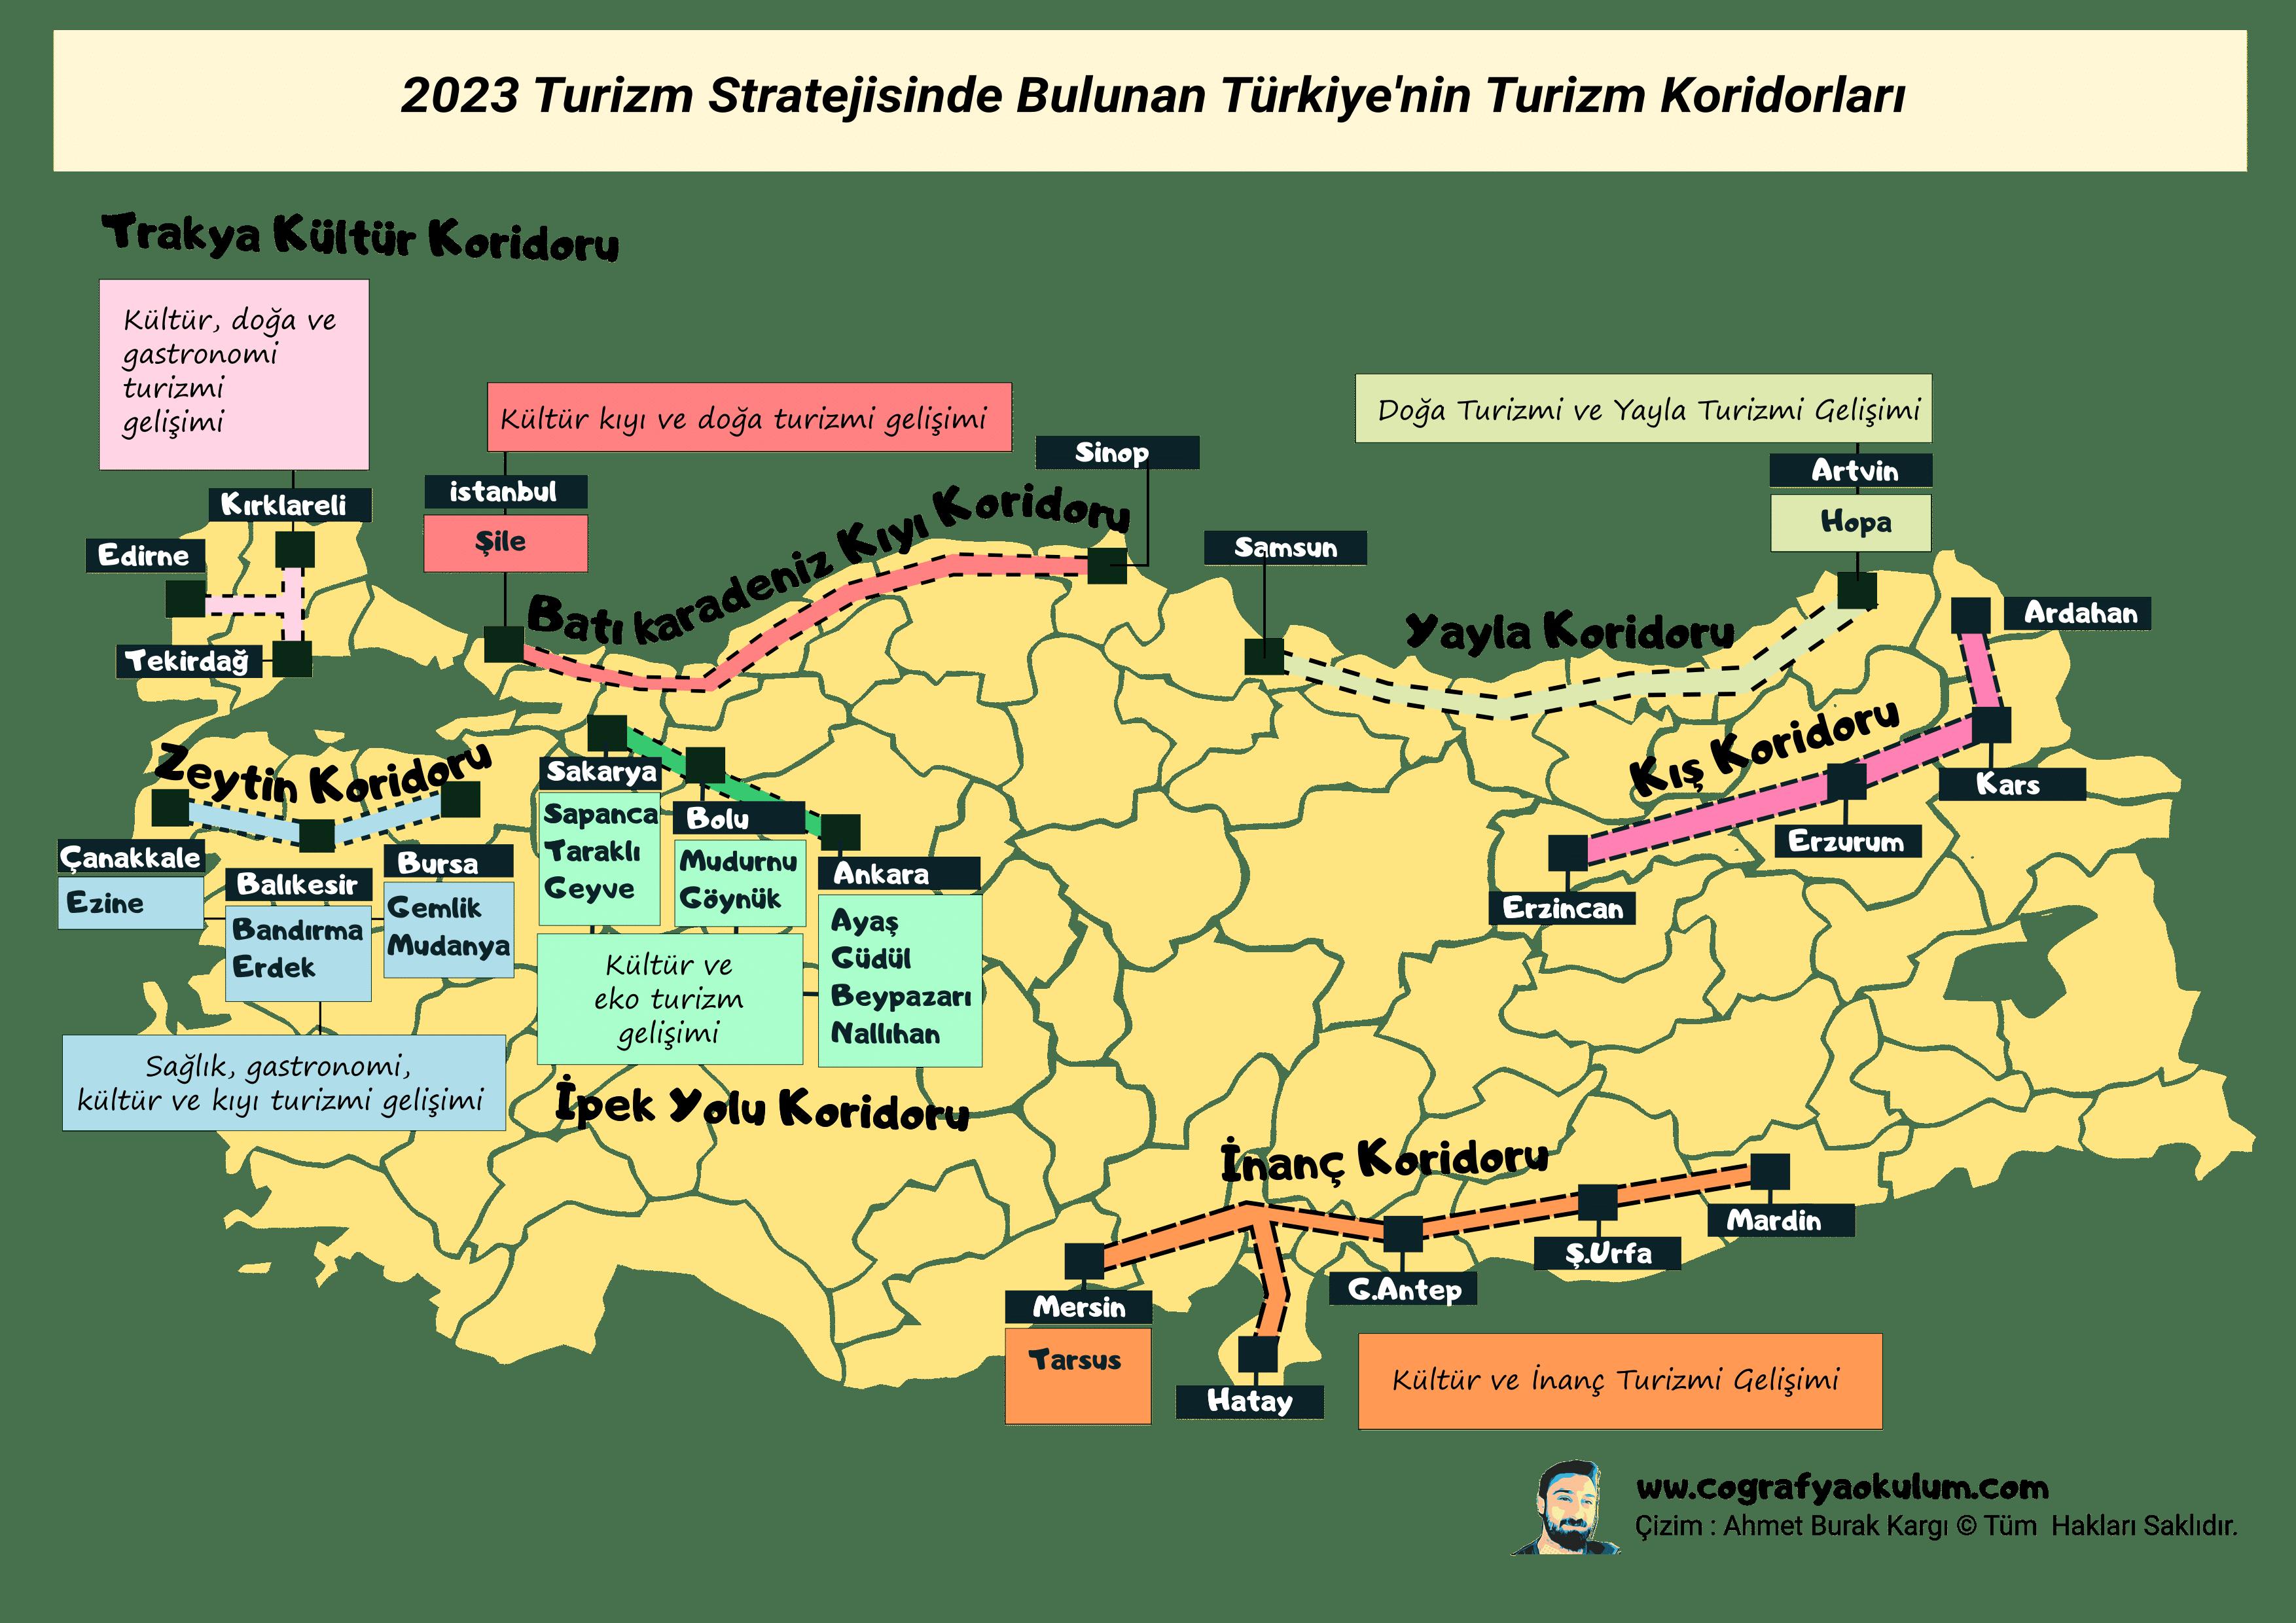 Türkiye'nin 2023 Turizm Stratejisi Hedefleri (2020) 2